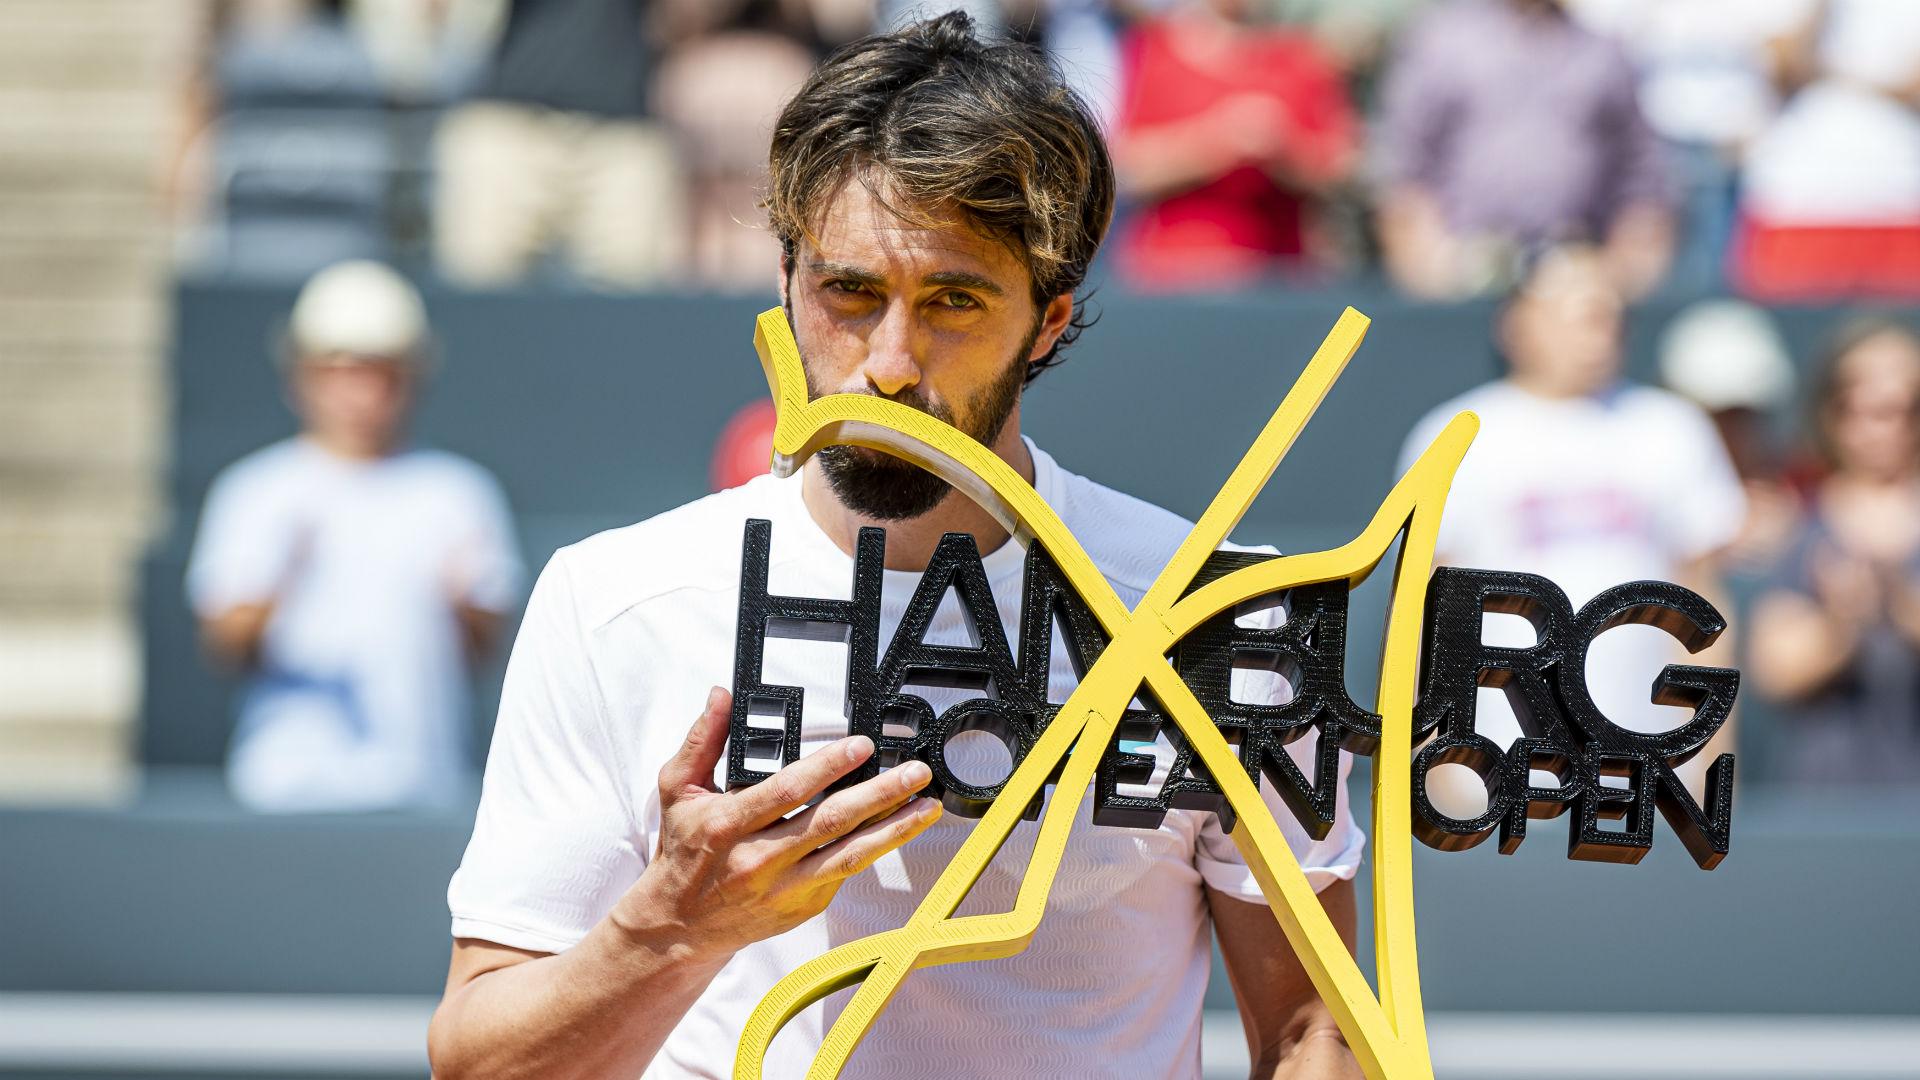 Basilashvili matches Federer feat as he retains Hamburg title